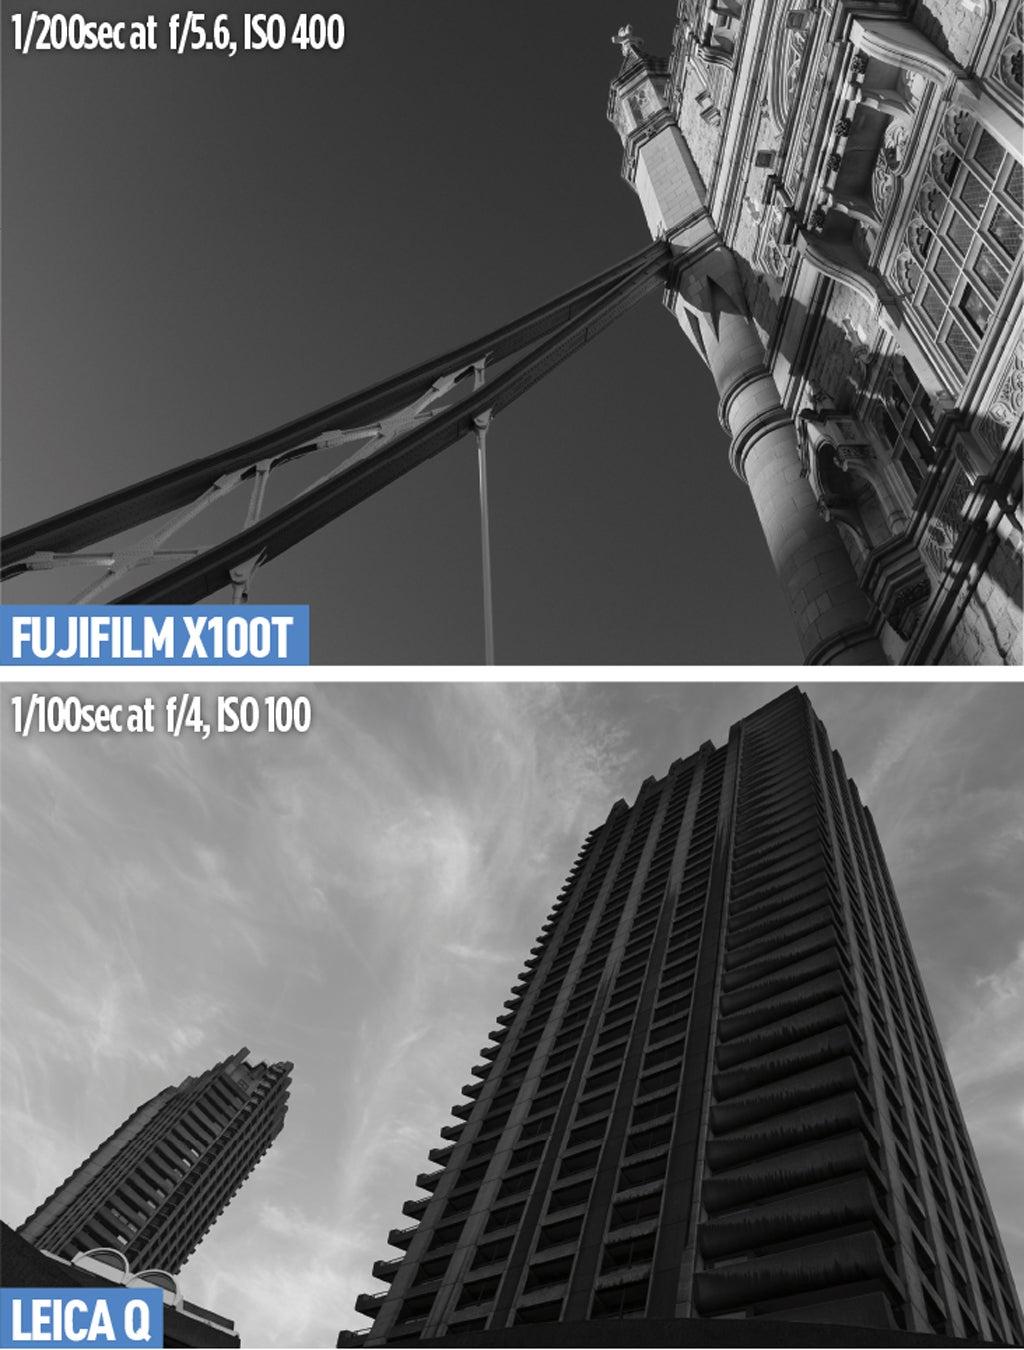 Fujifilm X100T and Leica Q Colour-modes